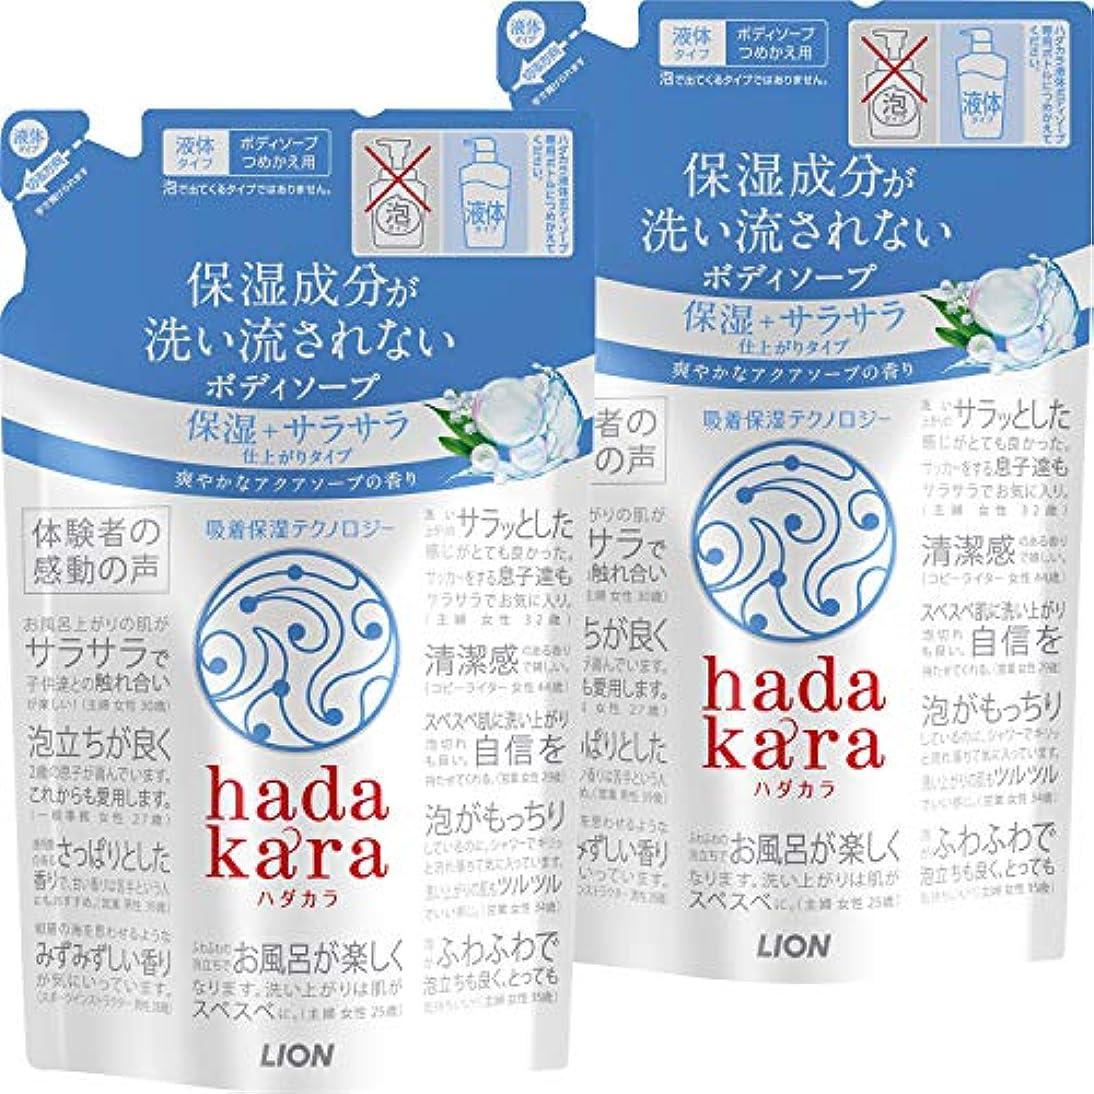 分布飢破壊するhadakara(ハダカラ)ボディソープ 保湿+サラサラ仕上がりタイプ アクアソープの香り つめかえ用 340ml×2個パック